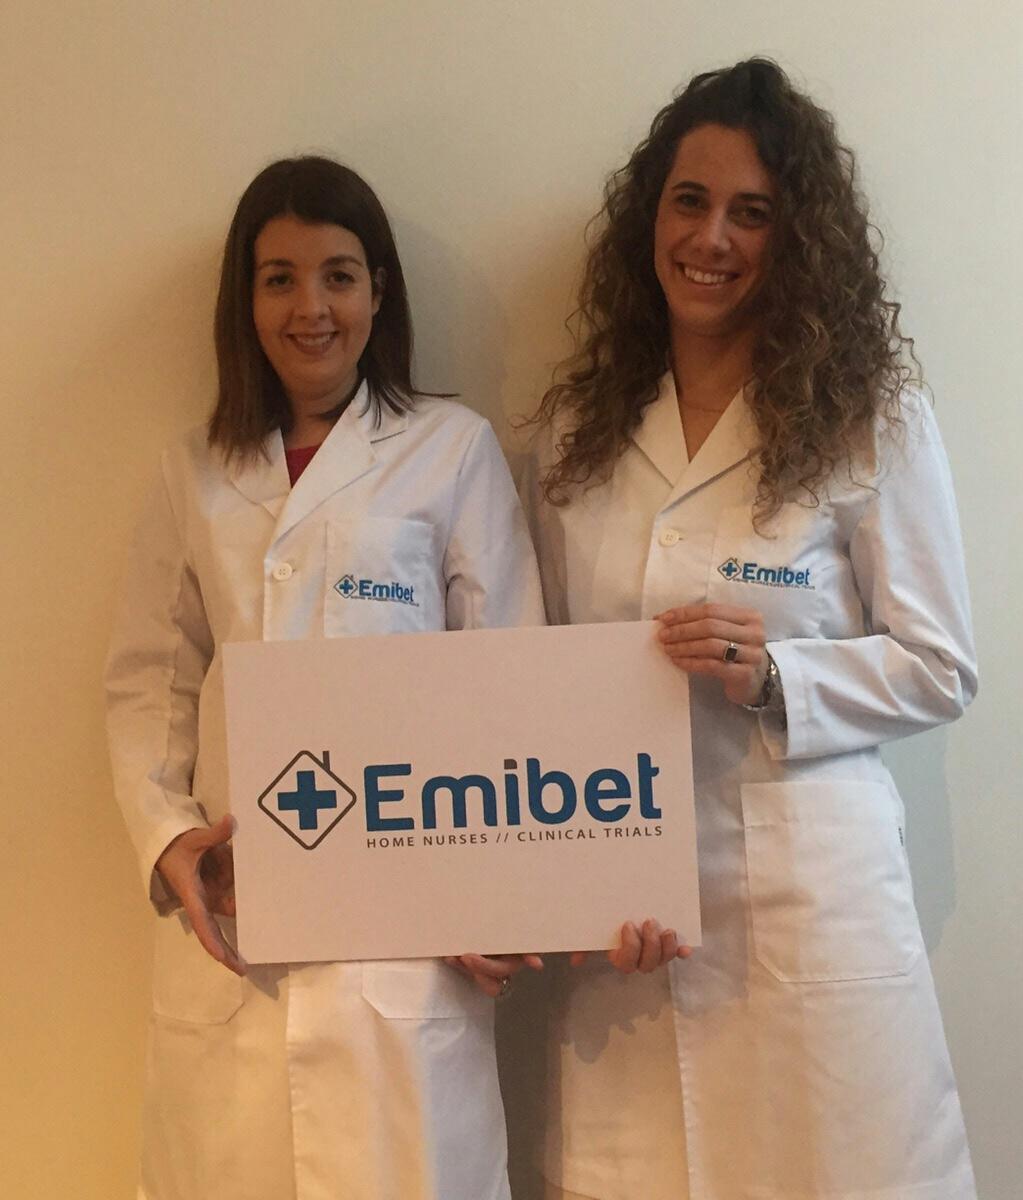 ¿Por qué decidimos crear EMIBET?